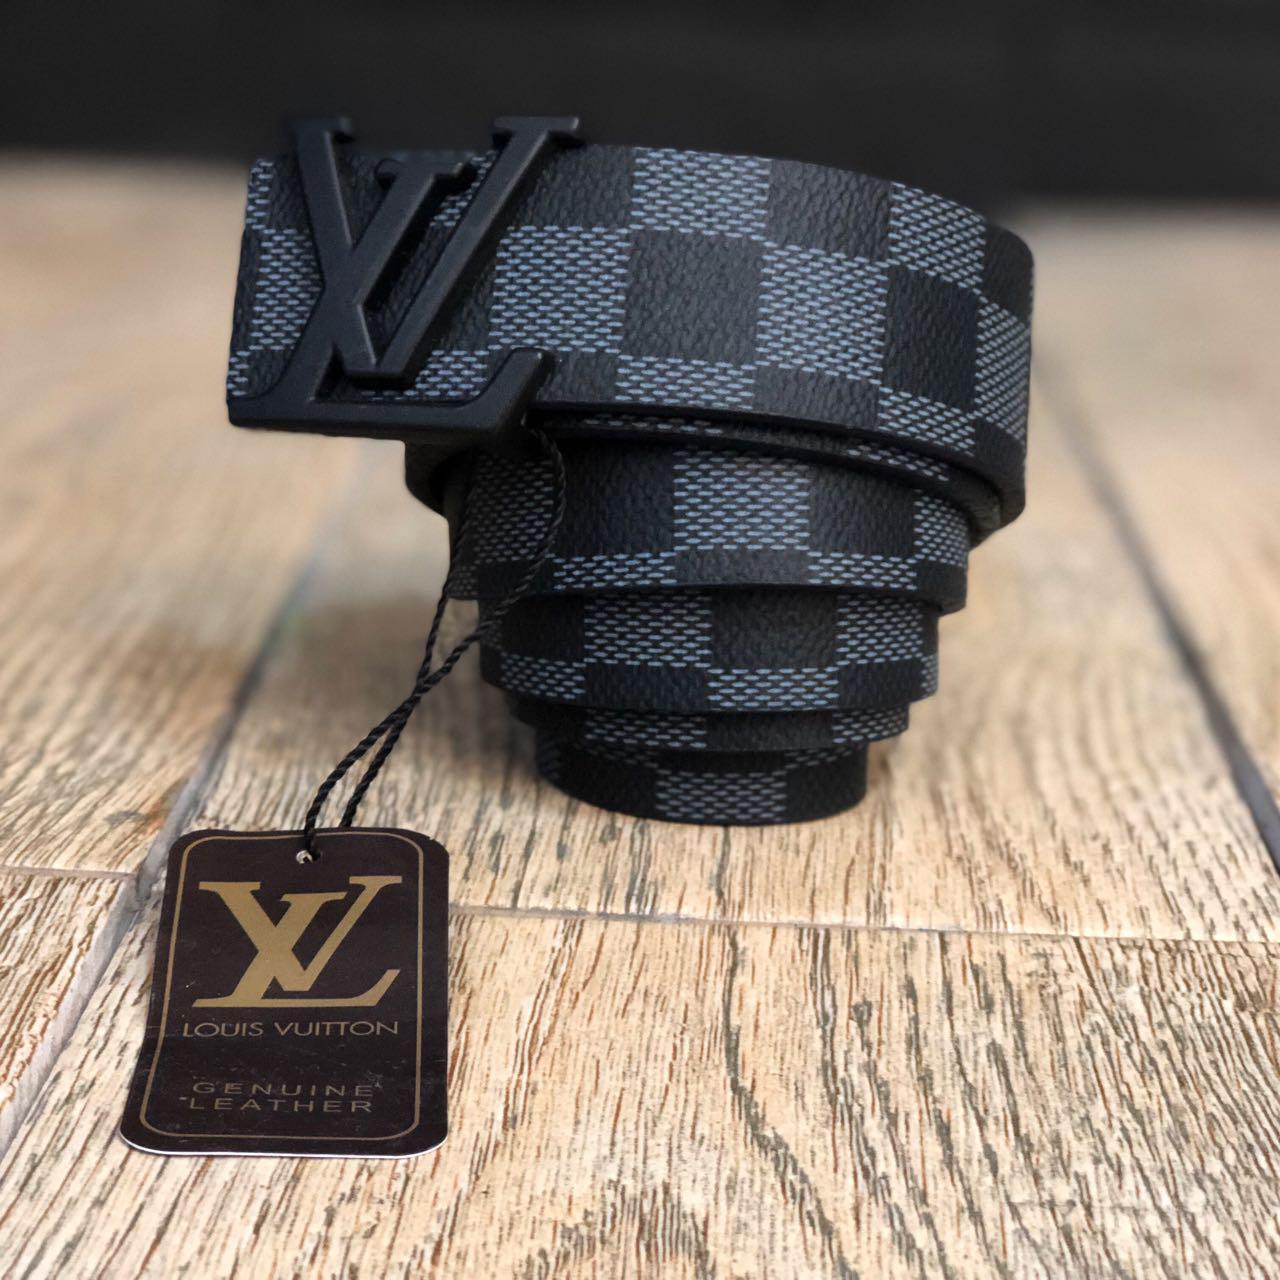 Ремень Louis Vuitton D1912 серо-черный - купить по лучшей цене, от ... 0691ade4cf5